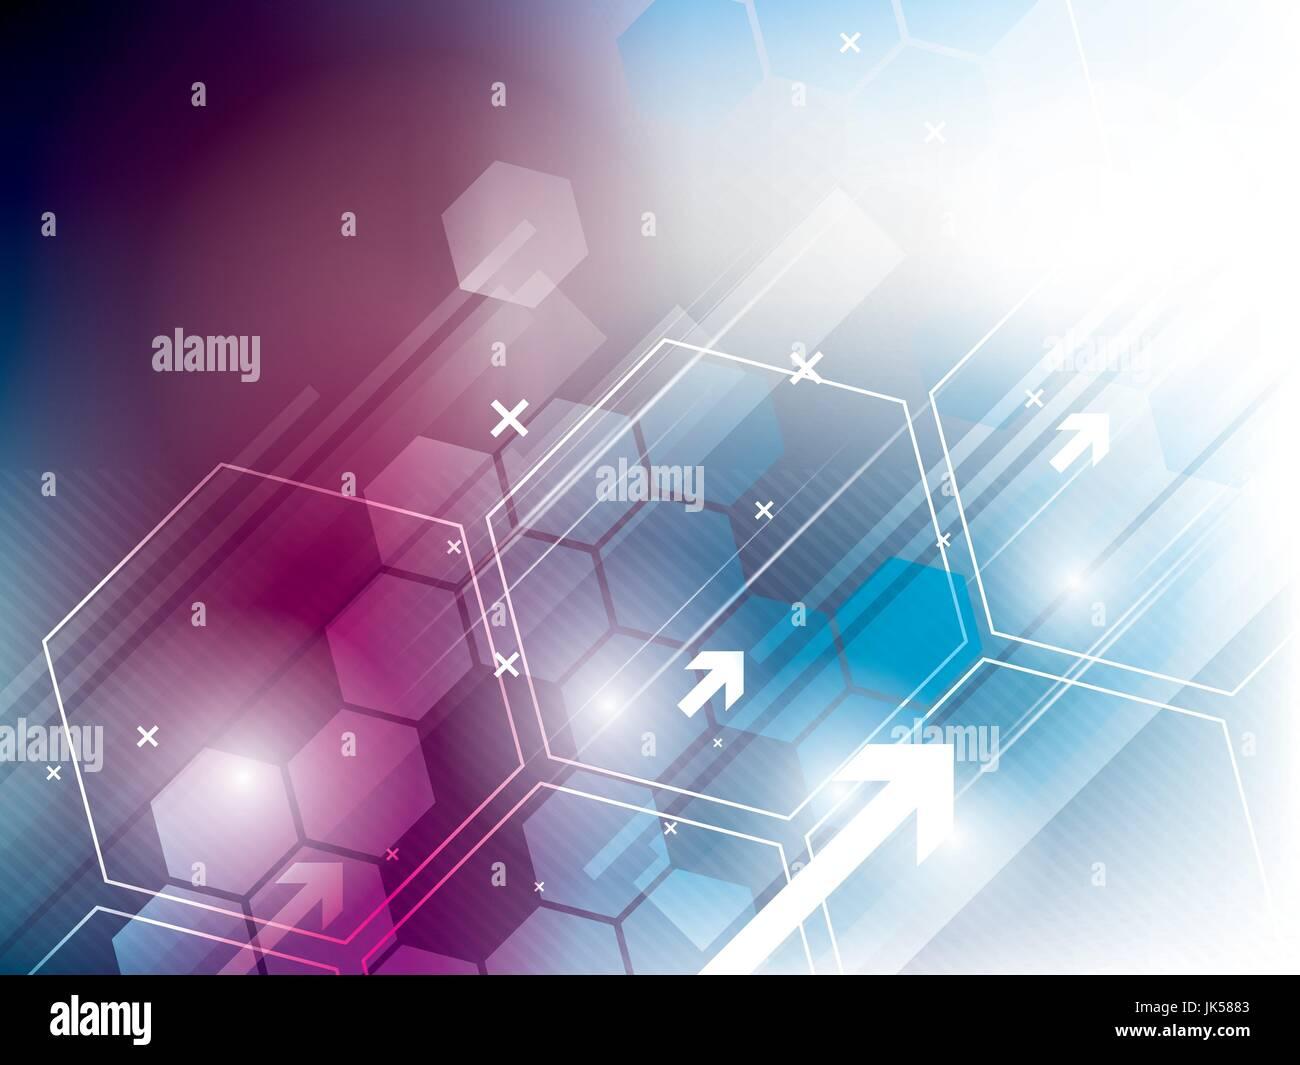 Résumé arrière-plan technique avec hexagones Photo Stock